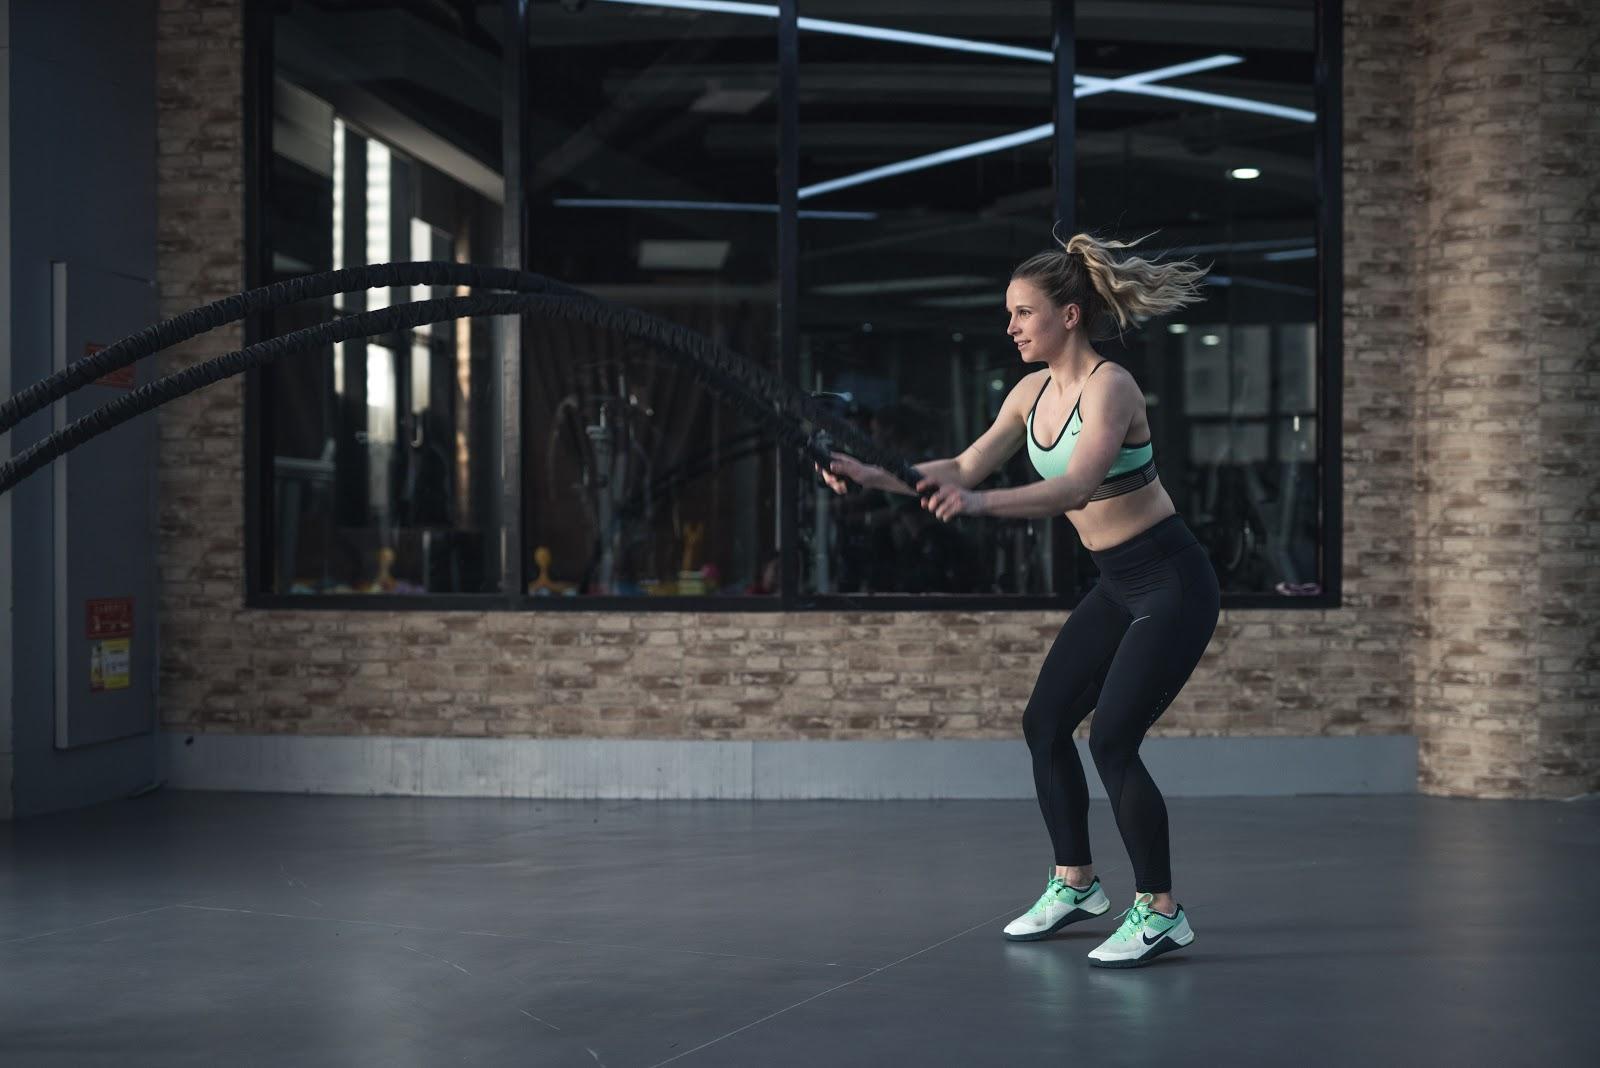 5x Zo krijg jij de motivatie om alleen te gaan sporten